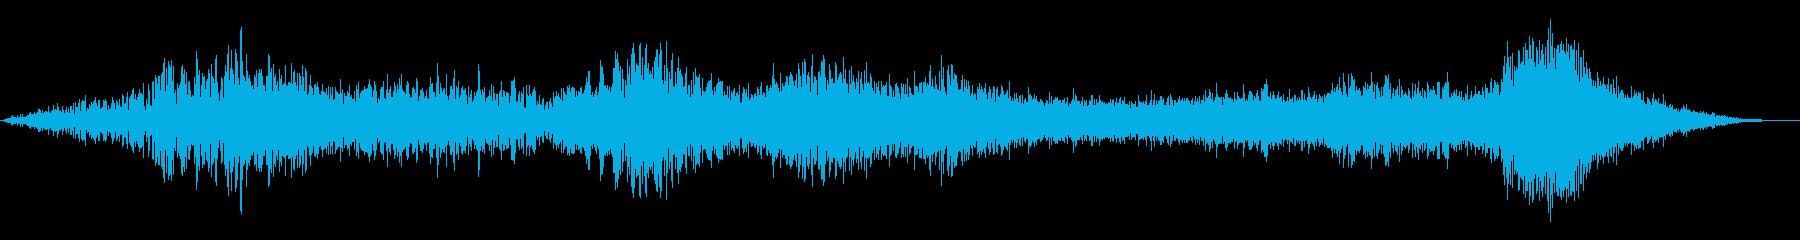 REVERB 2 Alien&Sp...の再生済みの波形